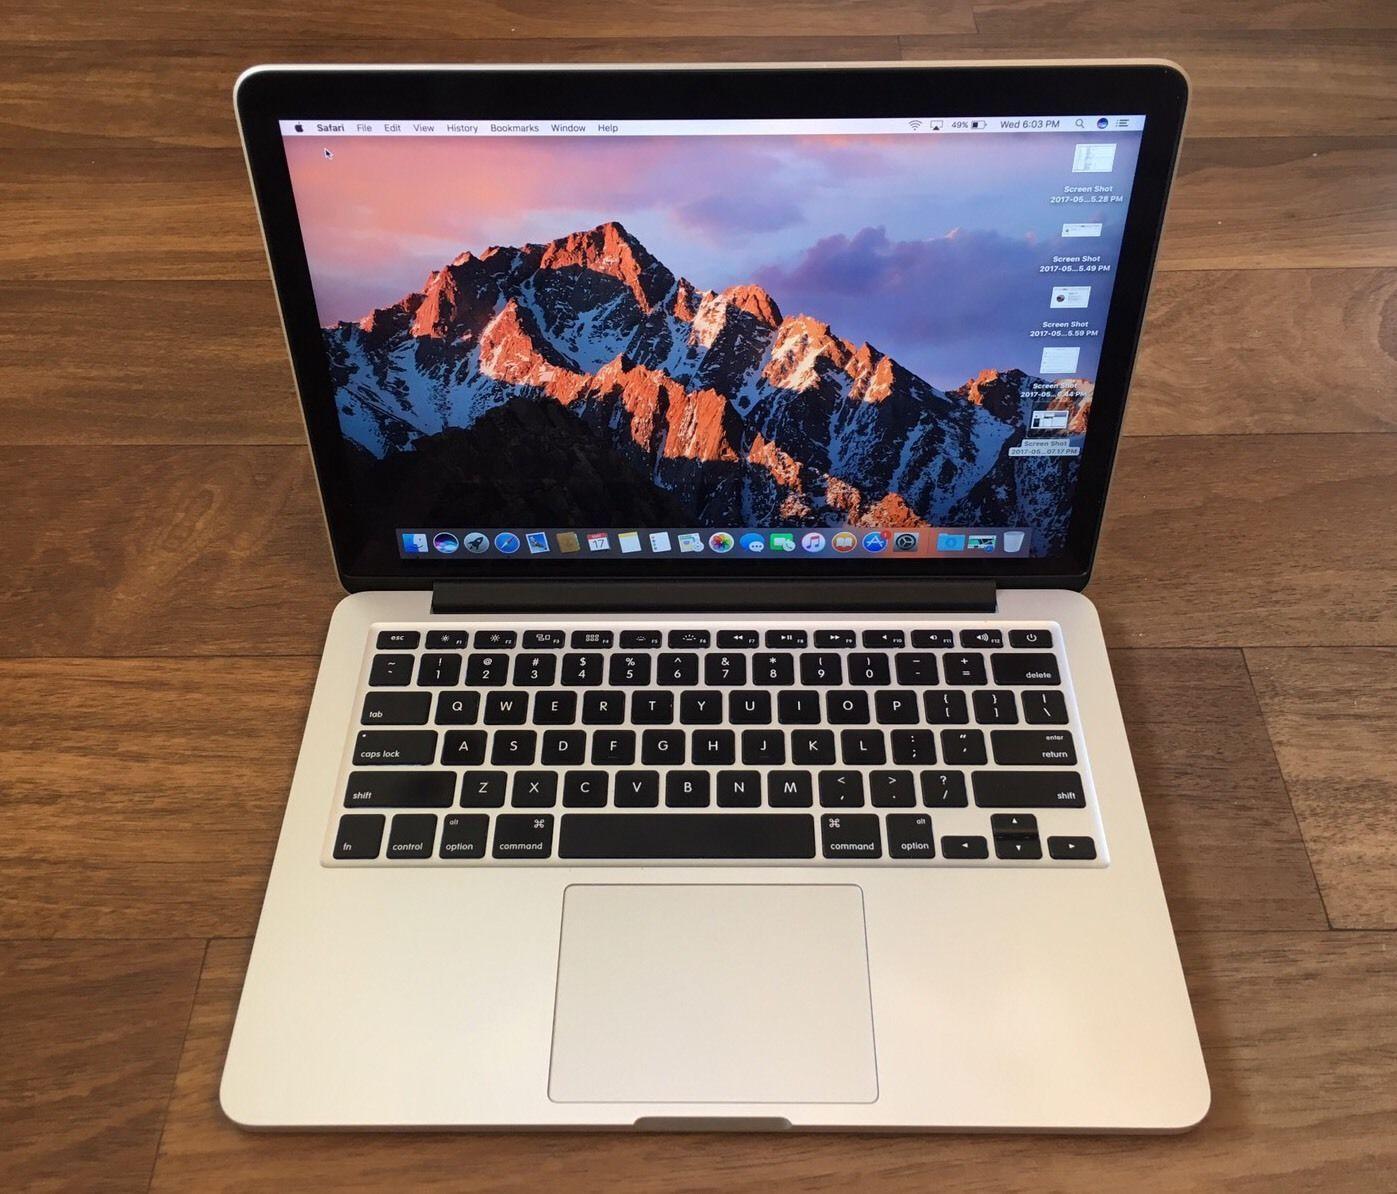 Macbook Pro Retina 13 Early 2015 3 1ghz I7 16gb Ram 1tb Ssd Applecare 9 1 2018 Apple Macbook Pro Apple Macbook Macbook Pro 2012